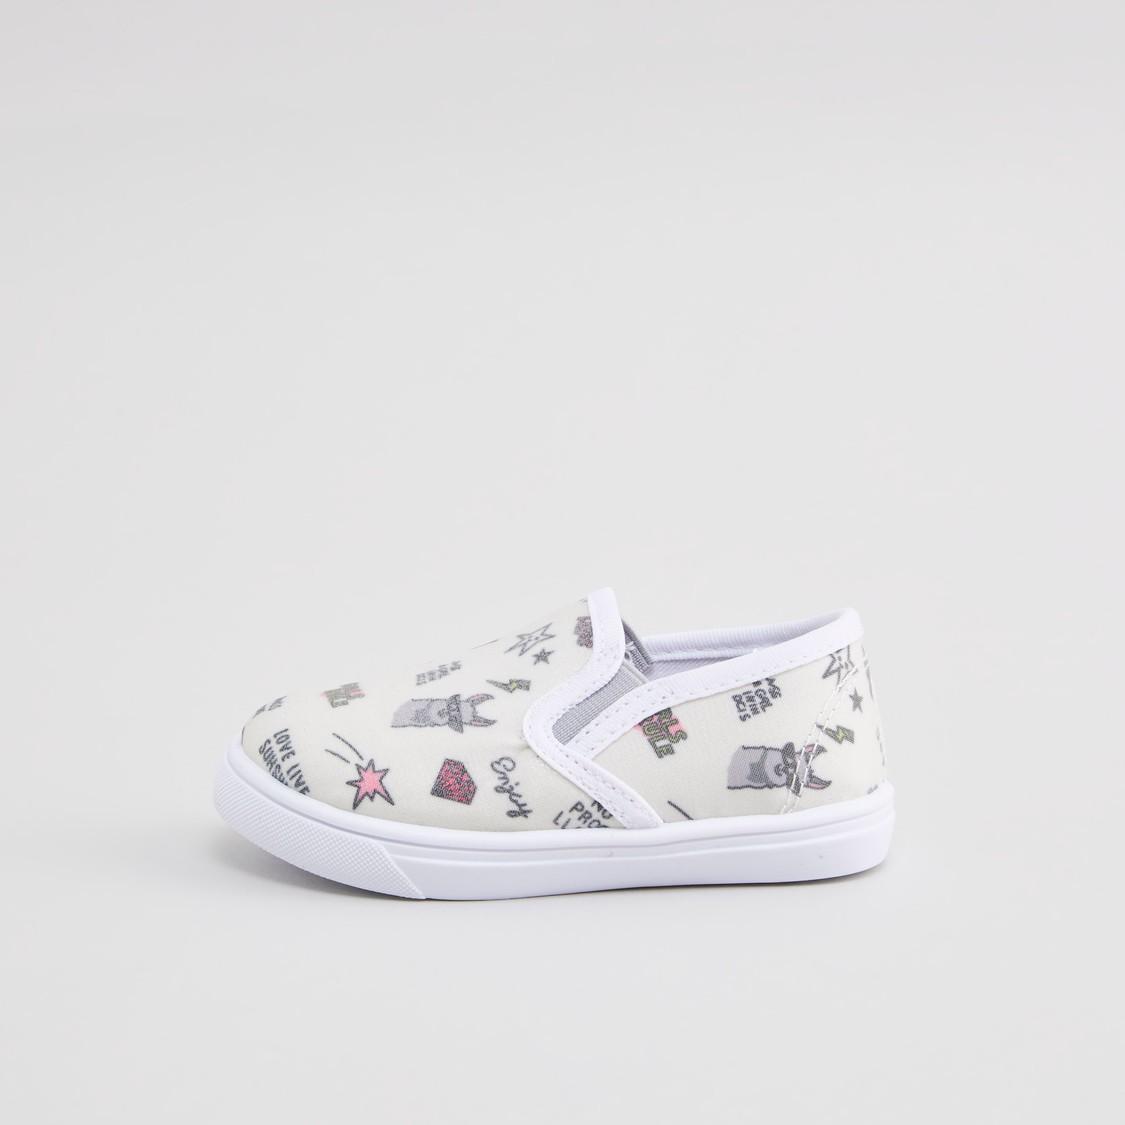 حذاء سهل الارتداء باطراف مطاطية